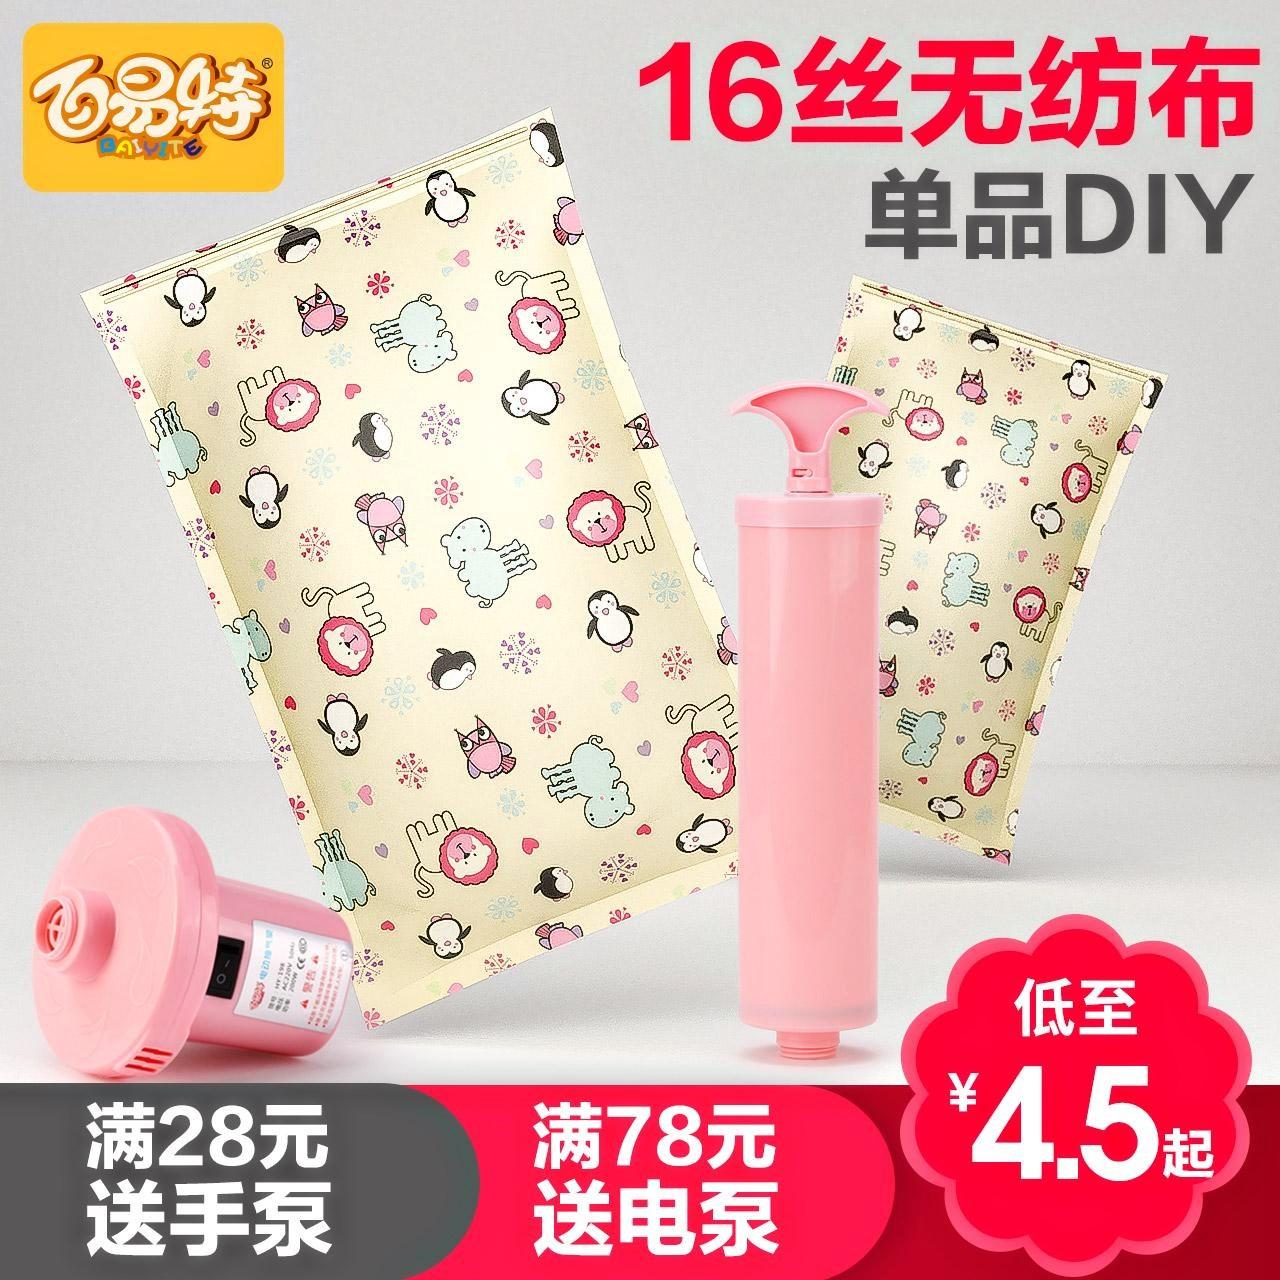 百易特无纺布真空压缩袋16丝加厚真空收纳袋棉被真空袋整理储物袋满9.80元可用0.98元优惠券